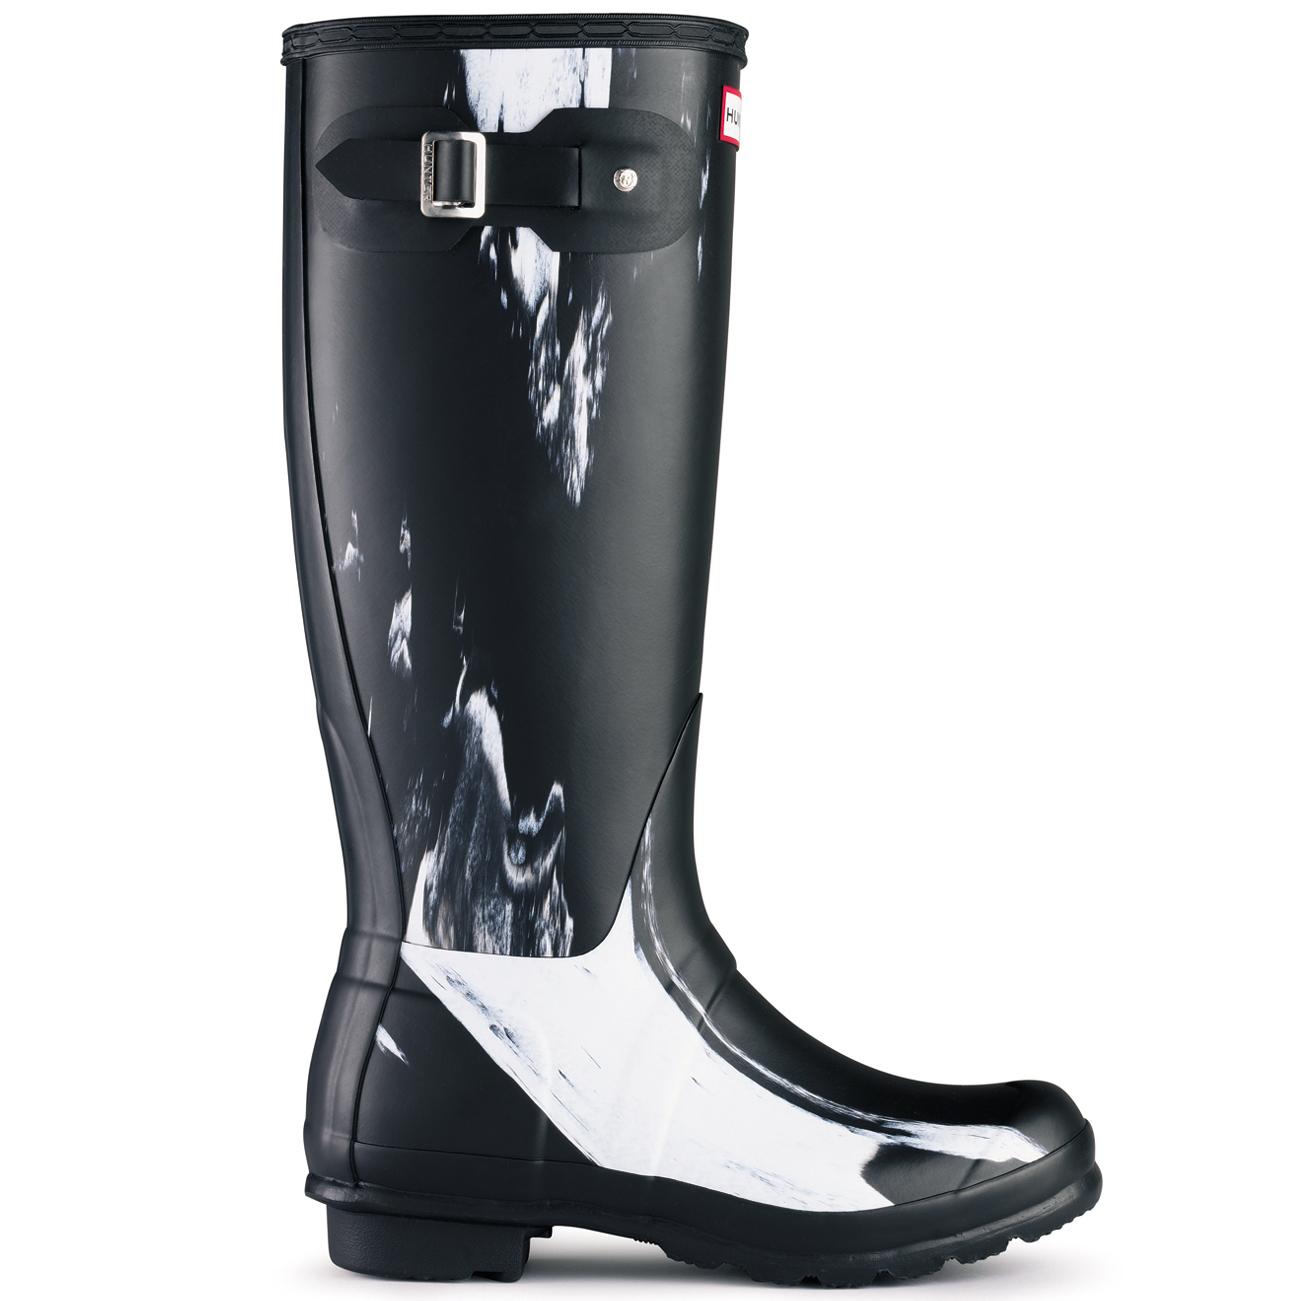 Luxury Hunter ORIGINAL TALL GLOSS Womens Graphite Rubber Waterproof Rain Snow